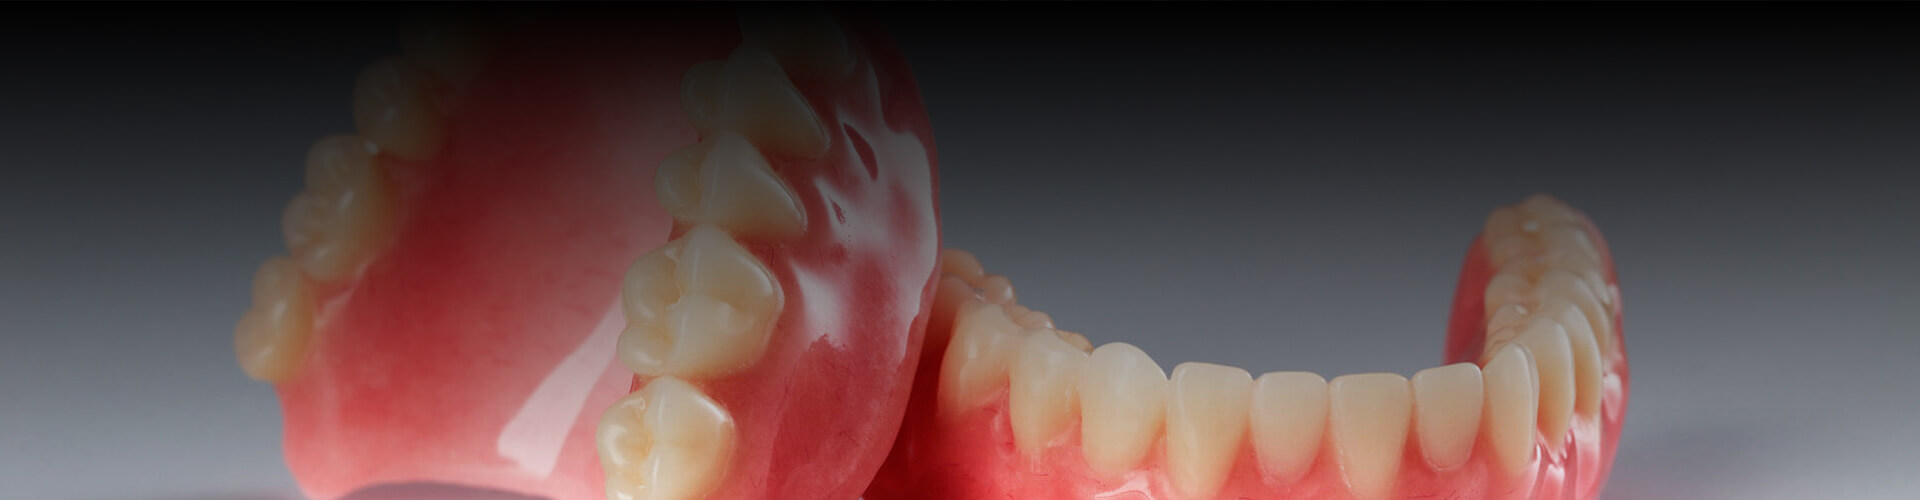 Closeup of a pair of dentures